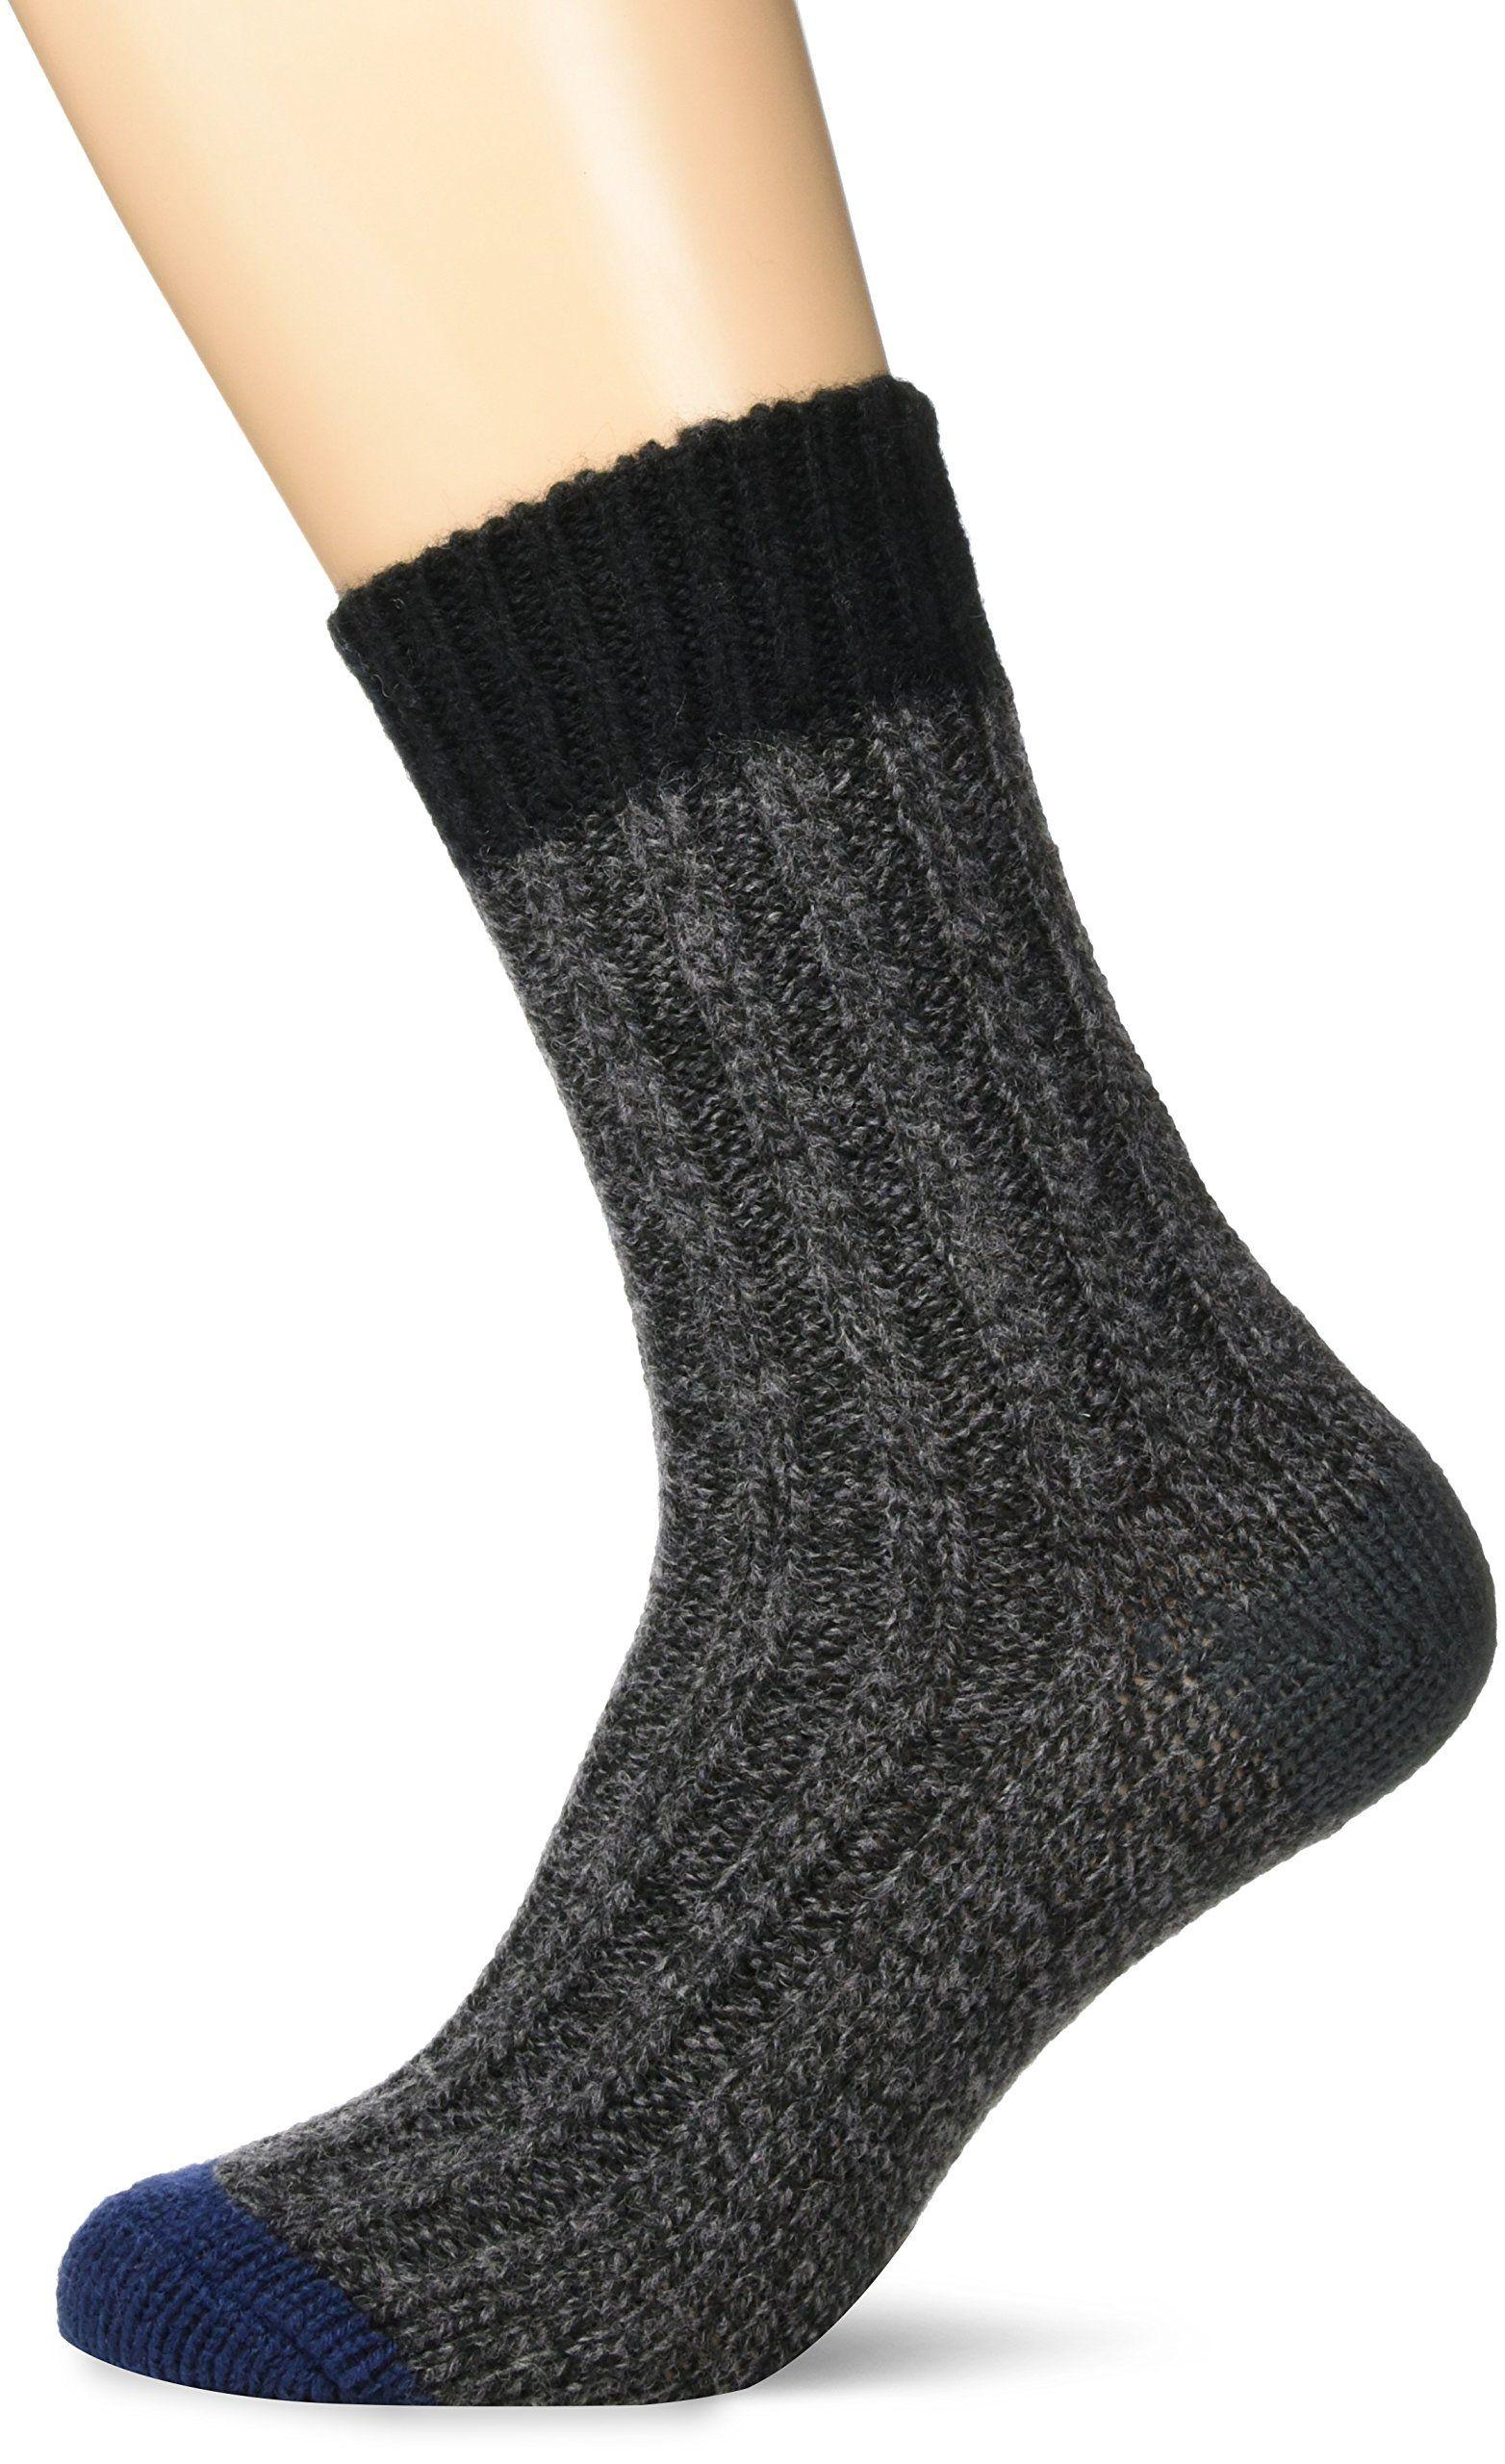 S Oliver Socks Herren Socken In 2020 Herren Socken Herrin Socken